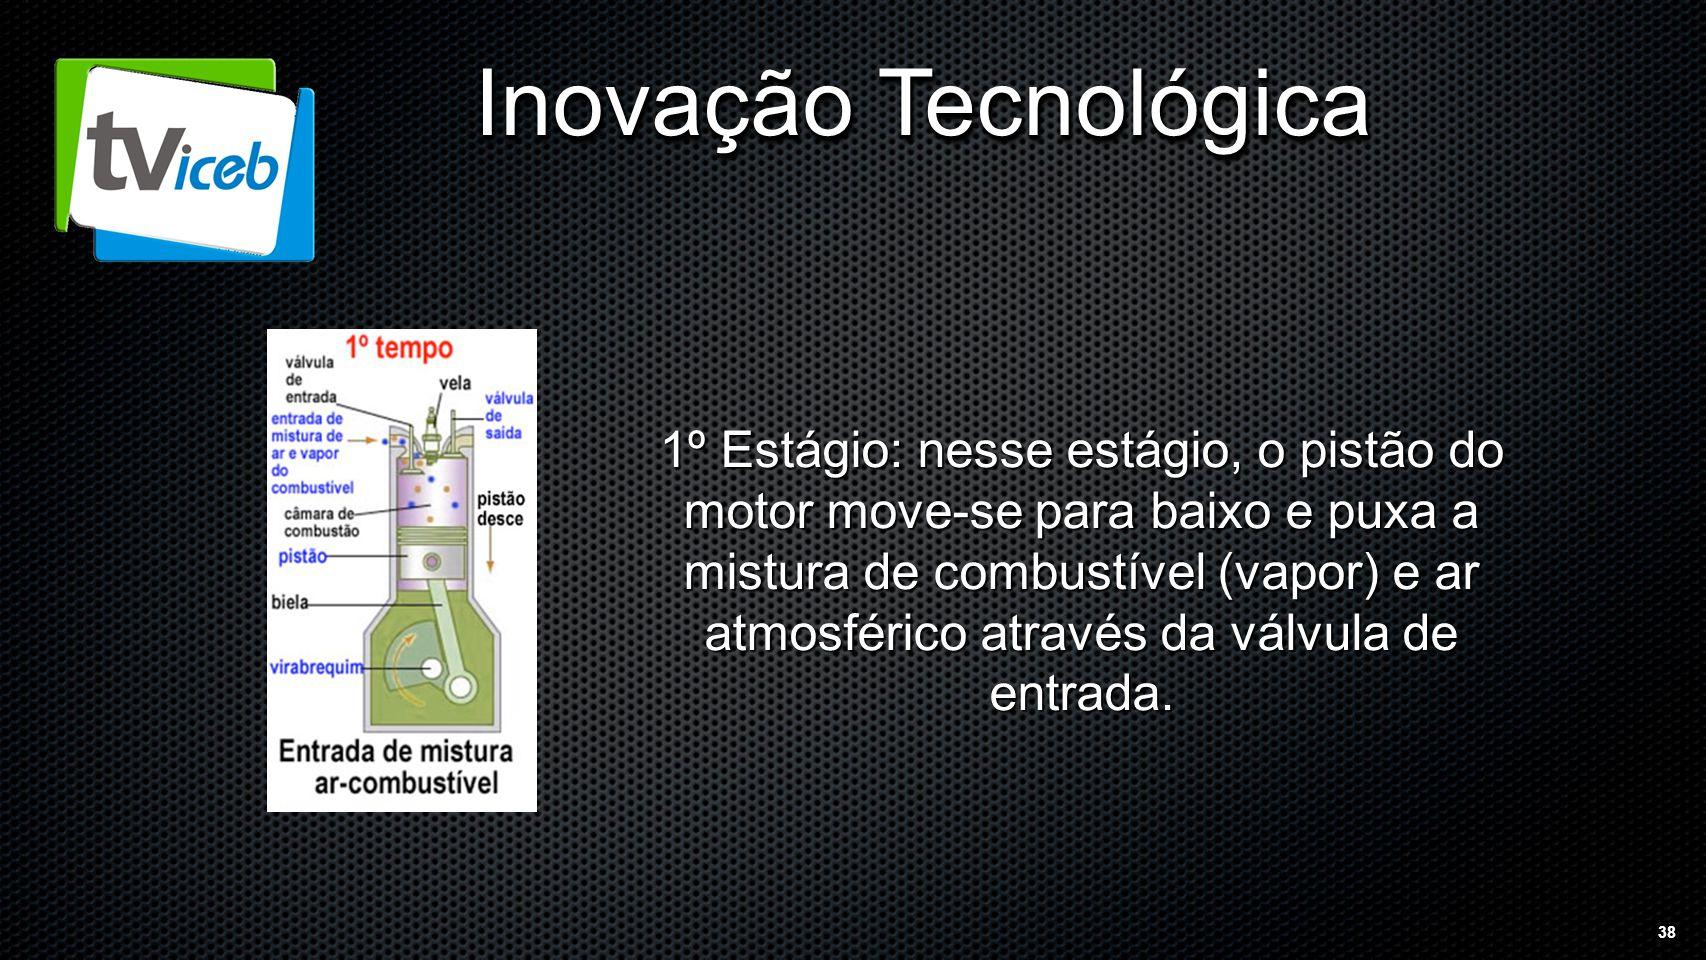 38 Inovação Tecnológica 1º Estágio: nesse estágio, o pistão do motor move-se para baixo e puxa a mistura de combustível (vapor) e ar atmosférico através da válvula de entrada.